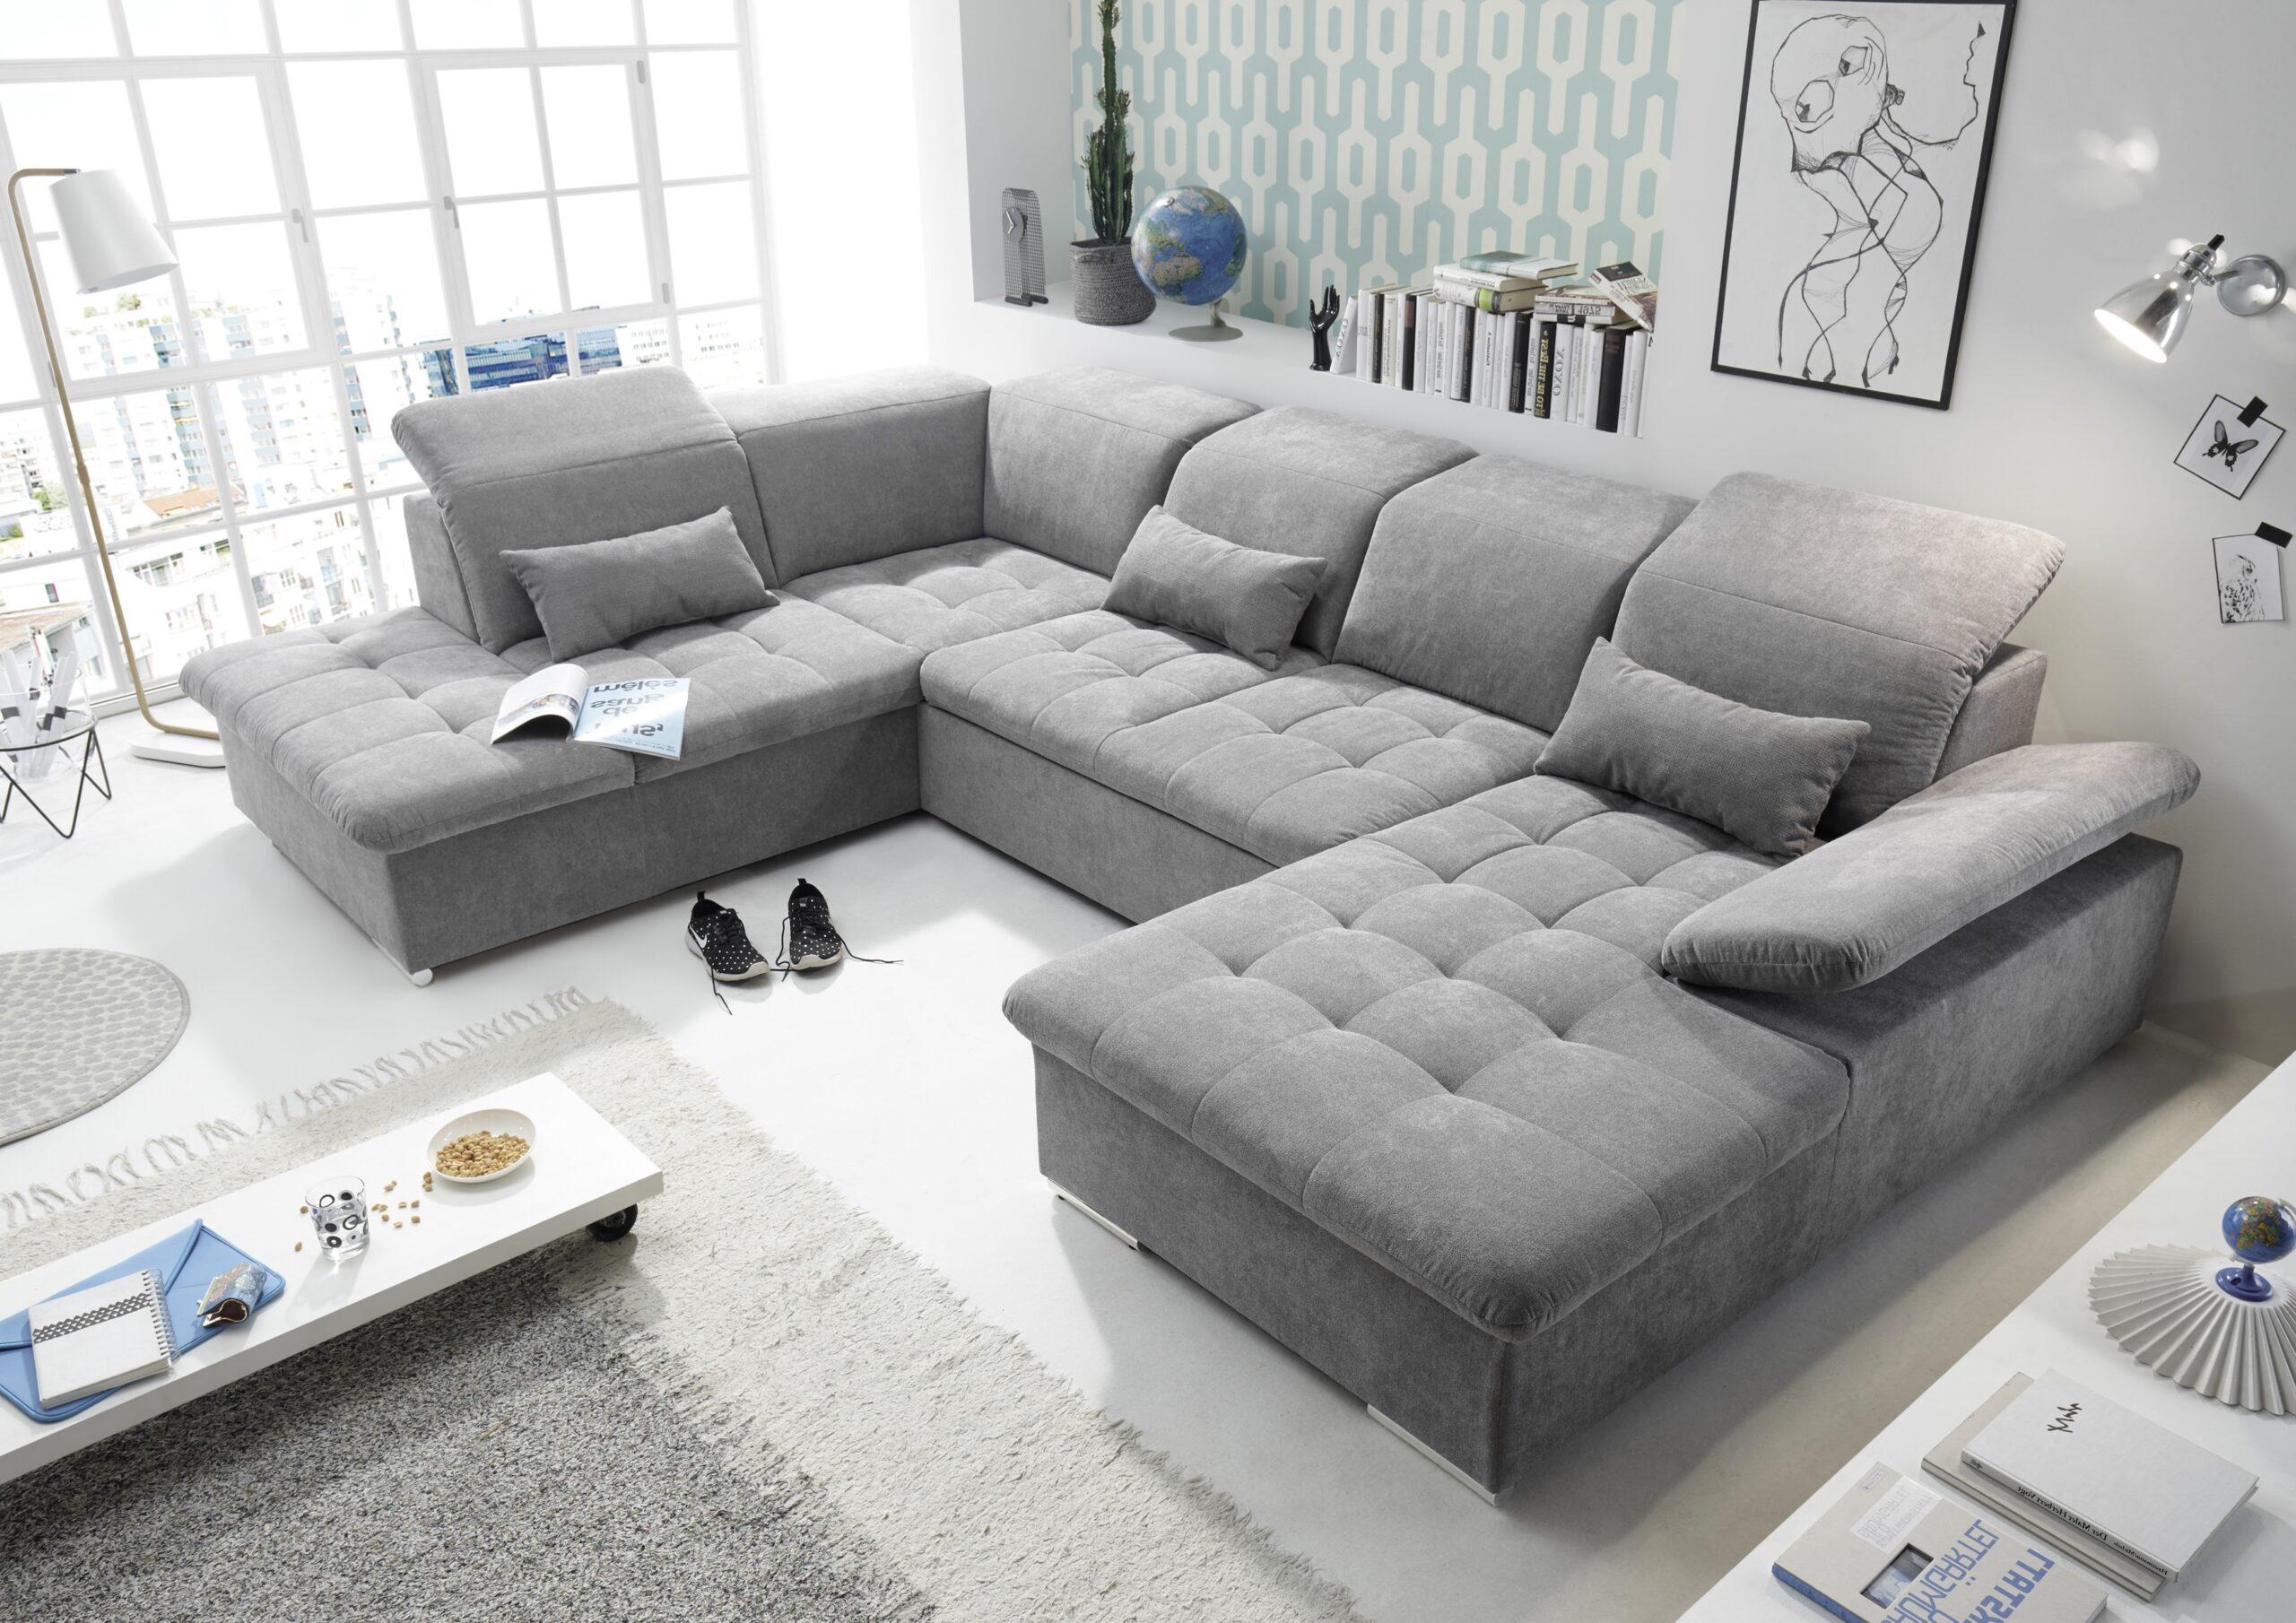 Full Size of U Form Sofa Couch Wayne L Schlafcouch Wohnlandschaft Schlaffunktion Bett Mit Schubladen Weiß Begehbare Dusche Fliesen Esstisch Und Stühle Garten Sofa U Form Sofa